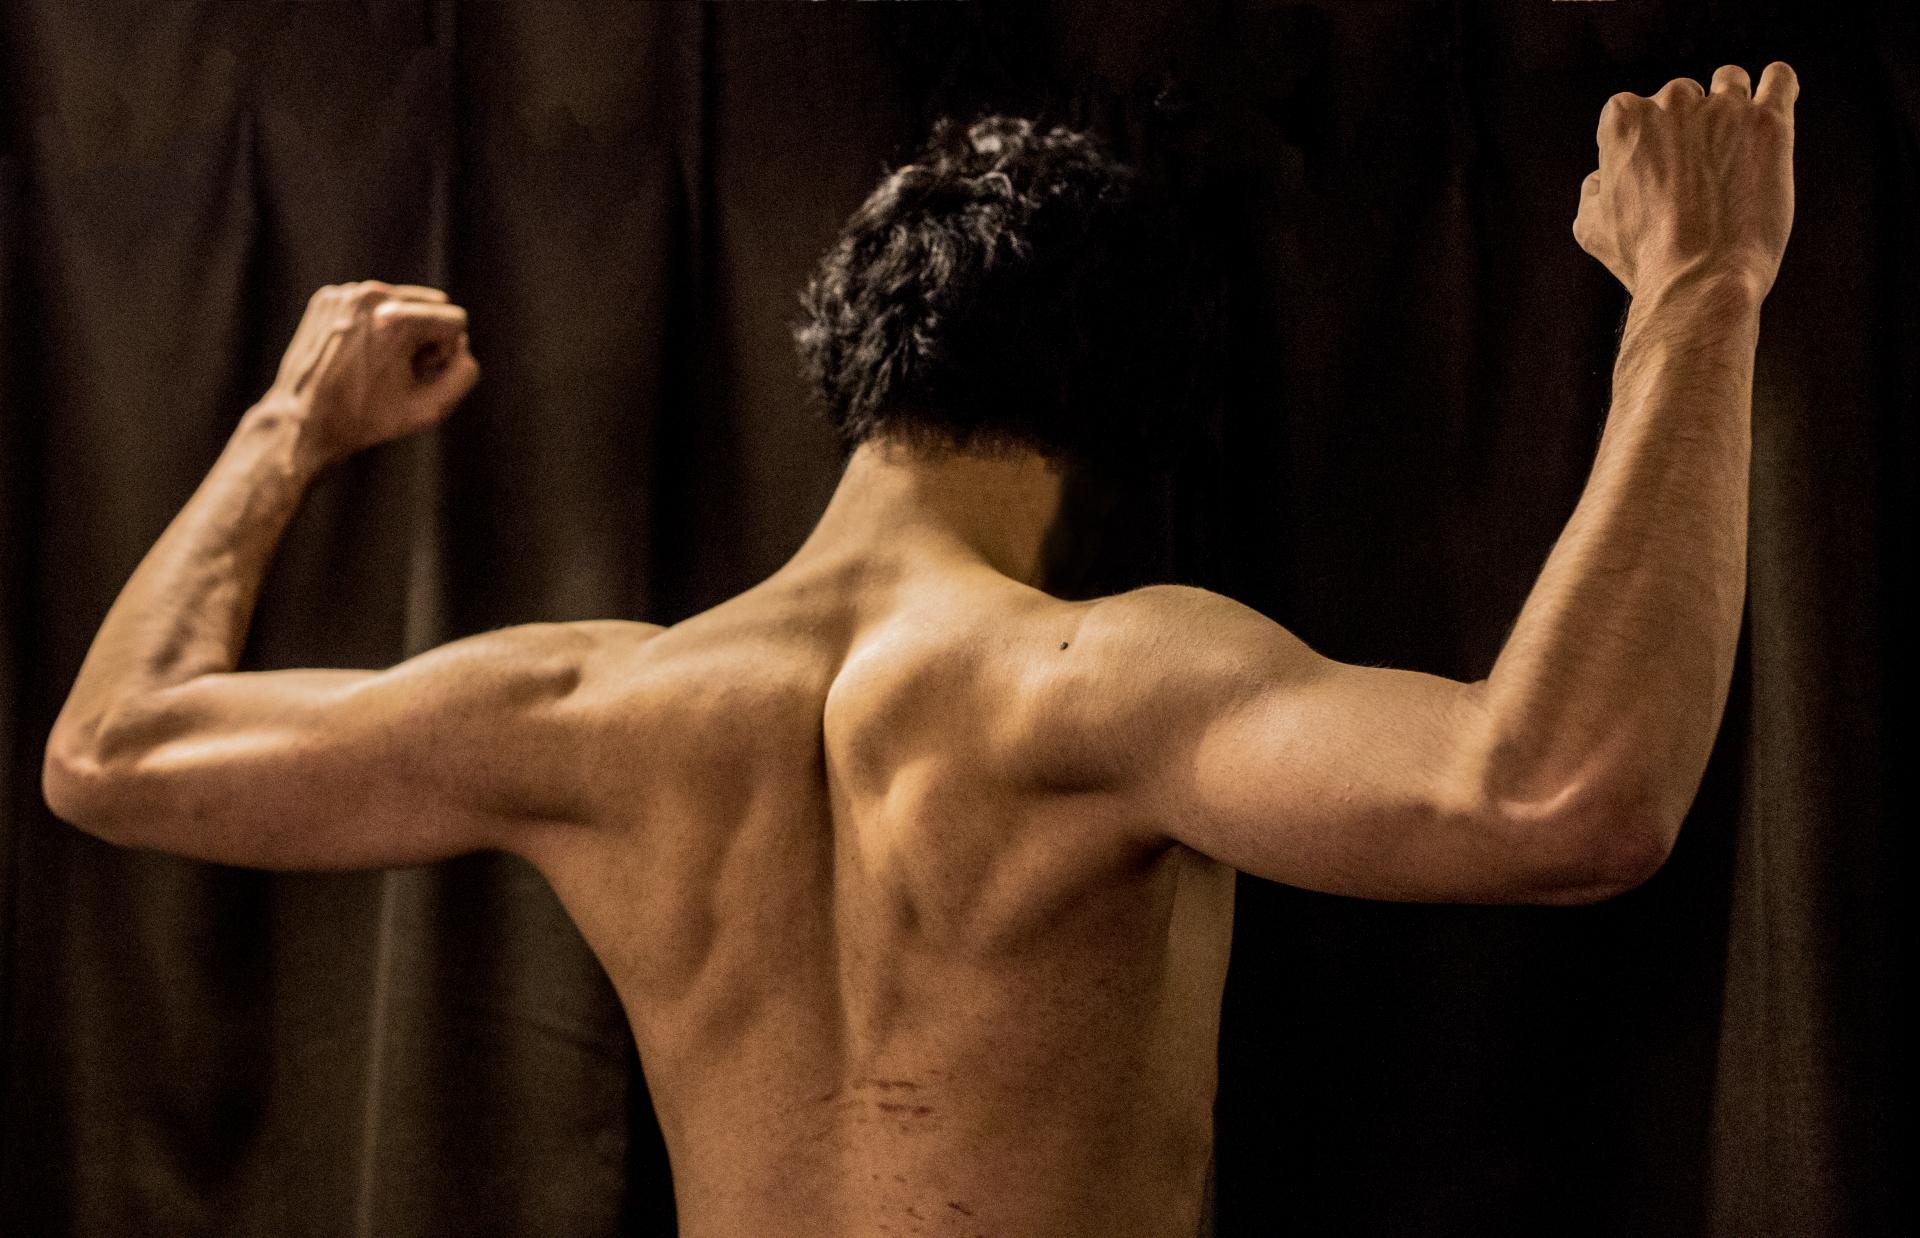 の 筋肉 腕 上腕筋が見てわかる!筋肉図解8選